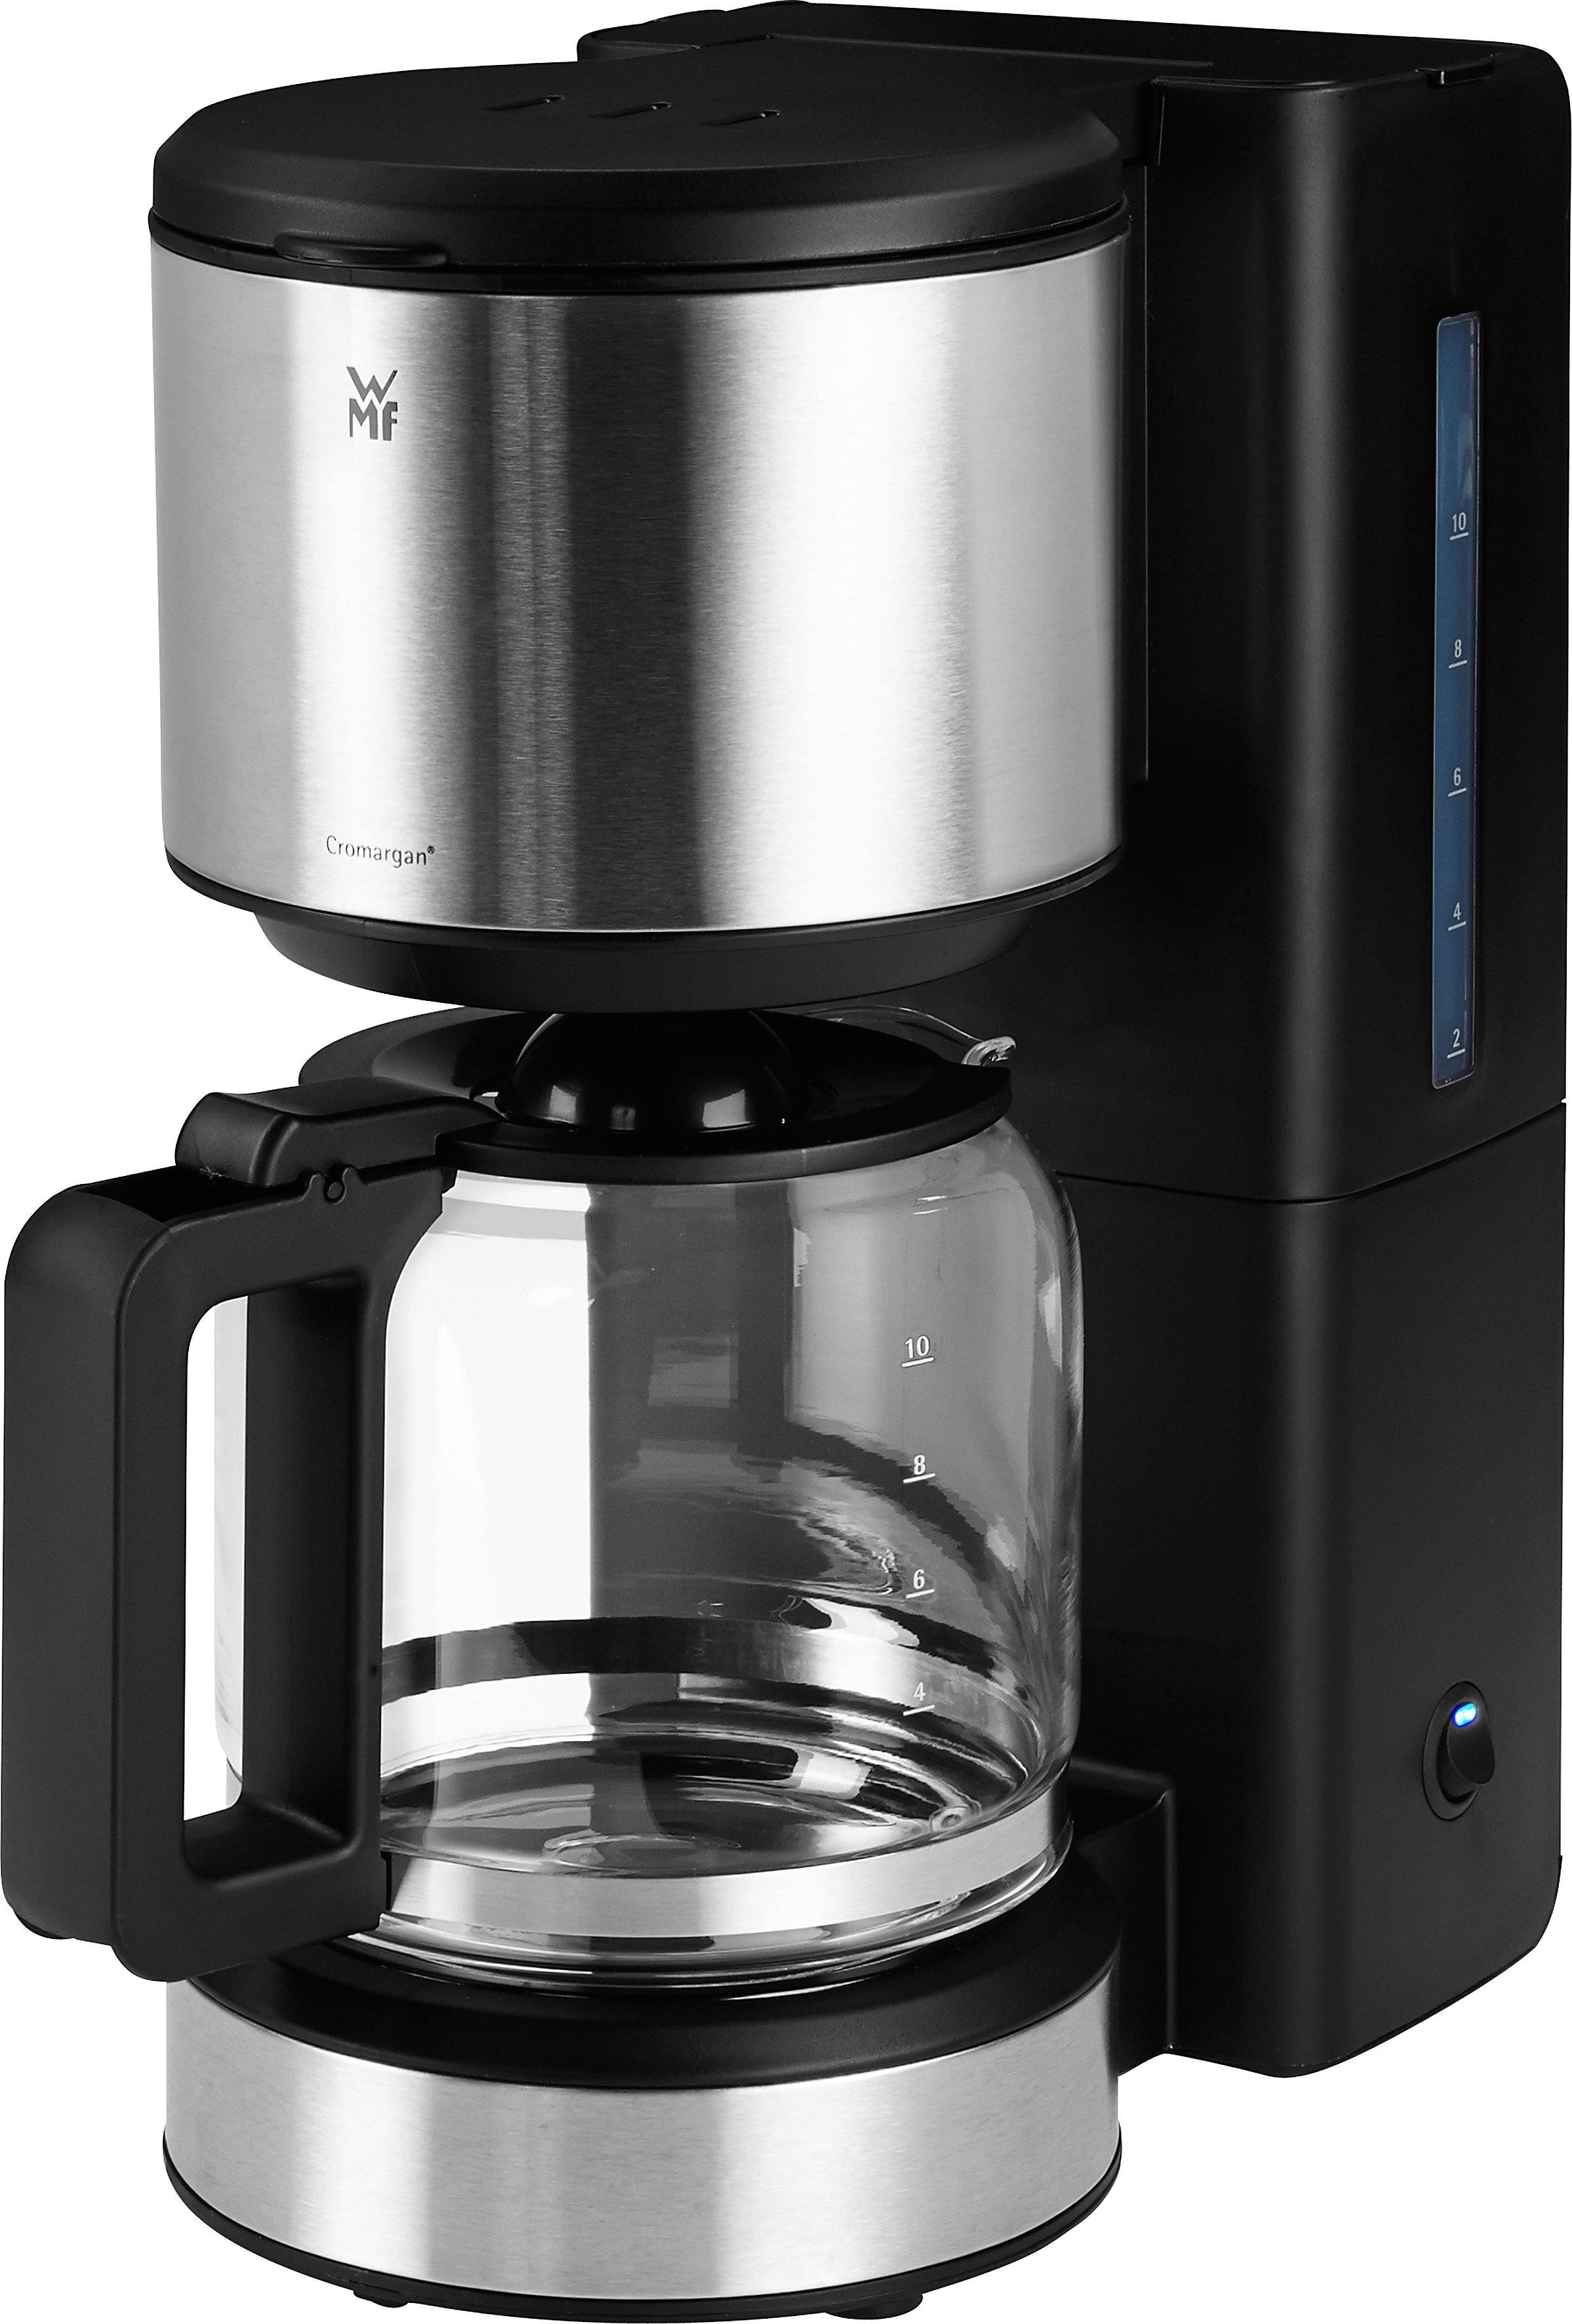 WMF Filterkaffeemaschine Stelio Aroma, 1,25l Kaffeekanne, Papierfilter, mit Glaskanne